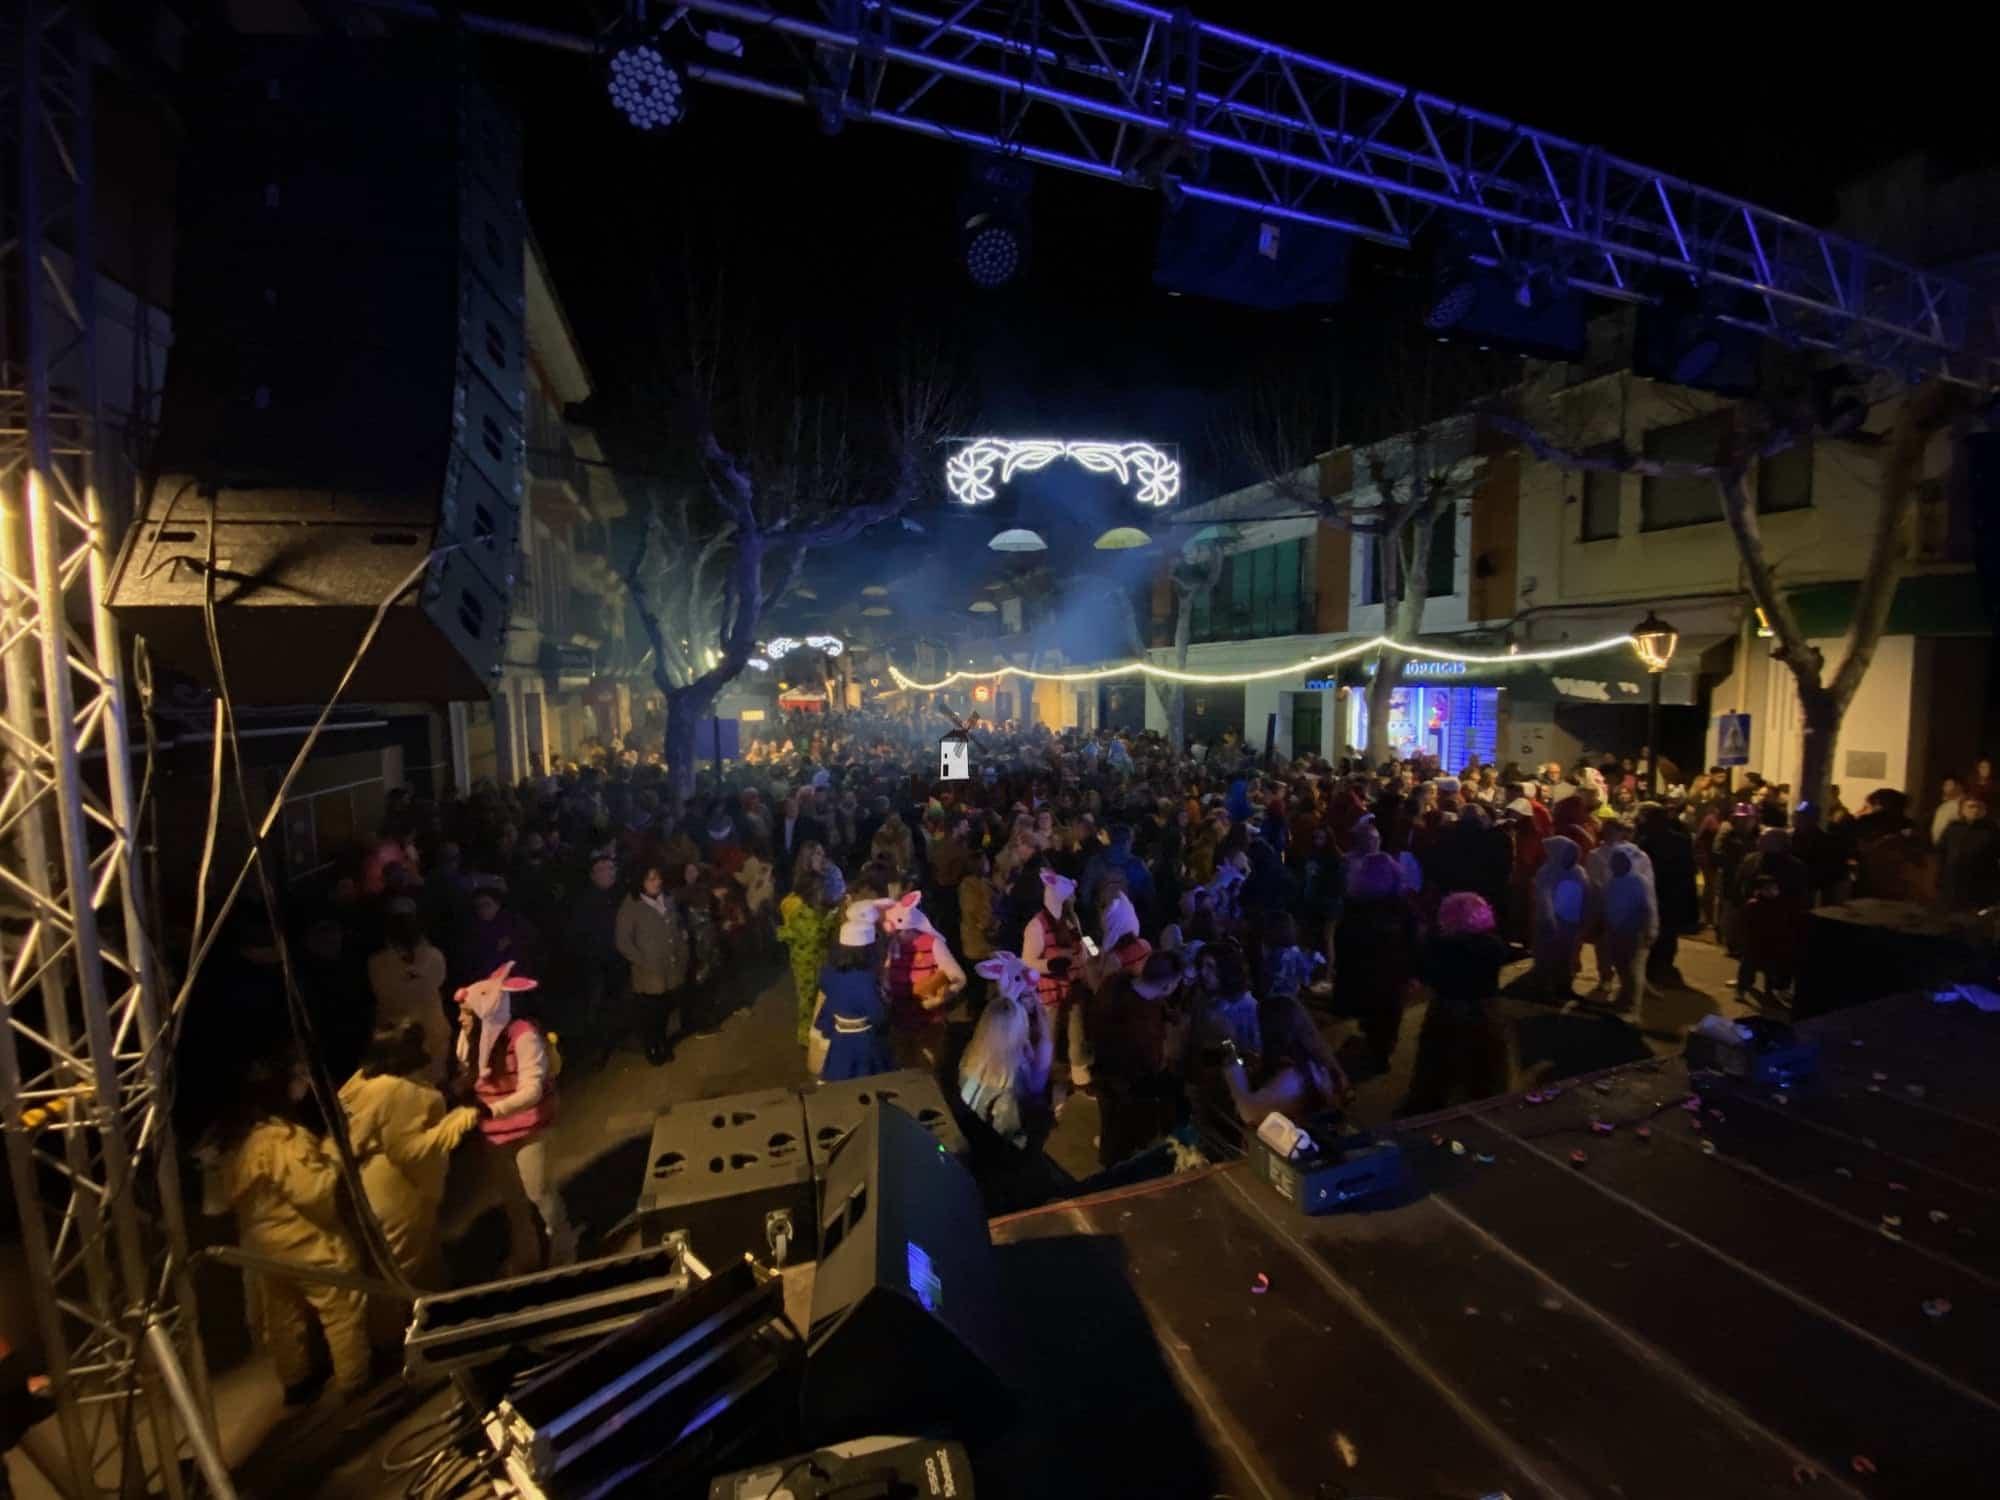 Inaugurado el Carnaval de Herencia 2020 con el Sábado de los Ansiosos 31